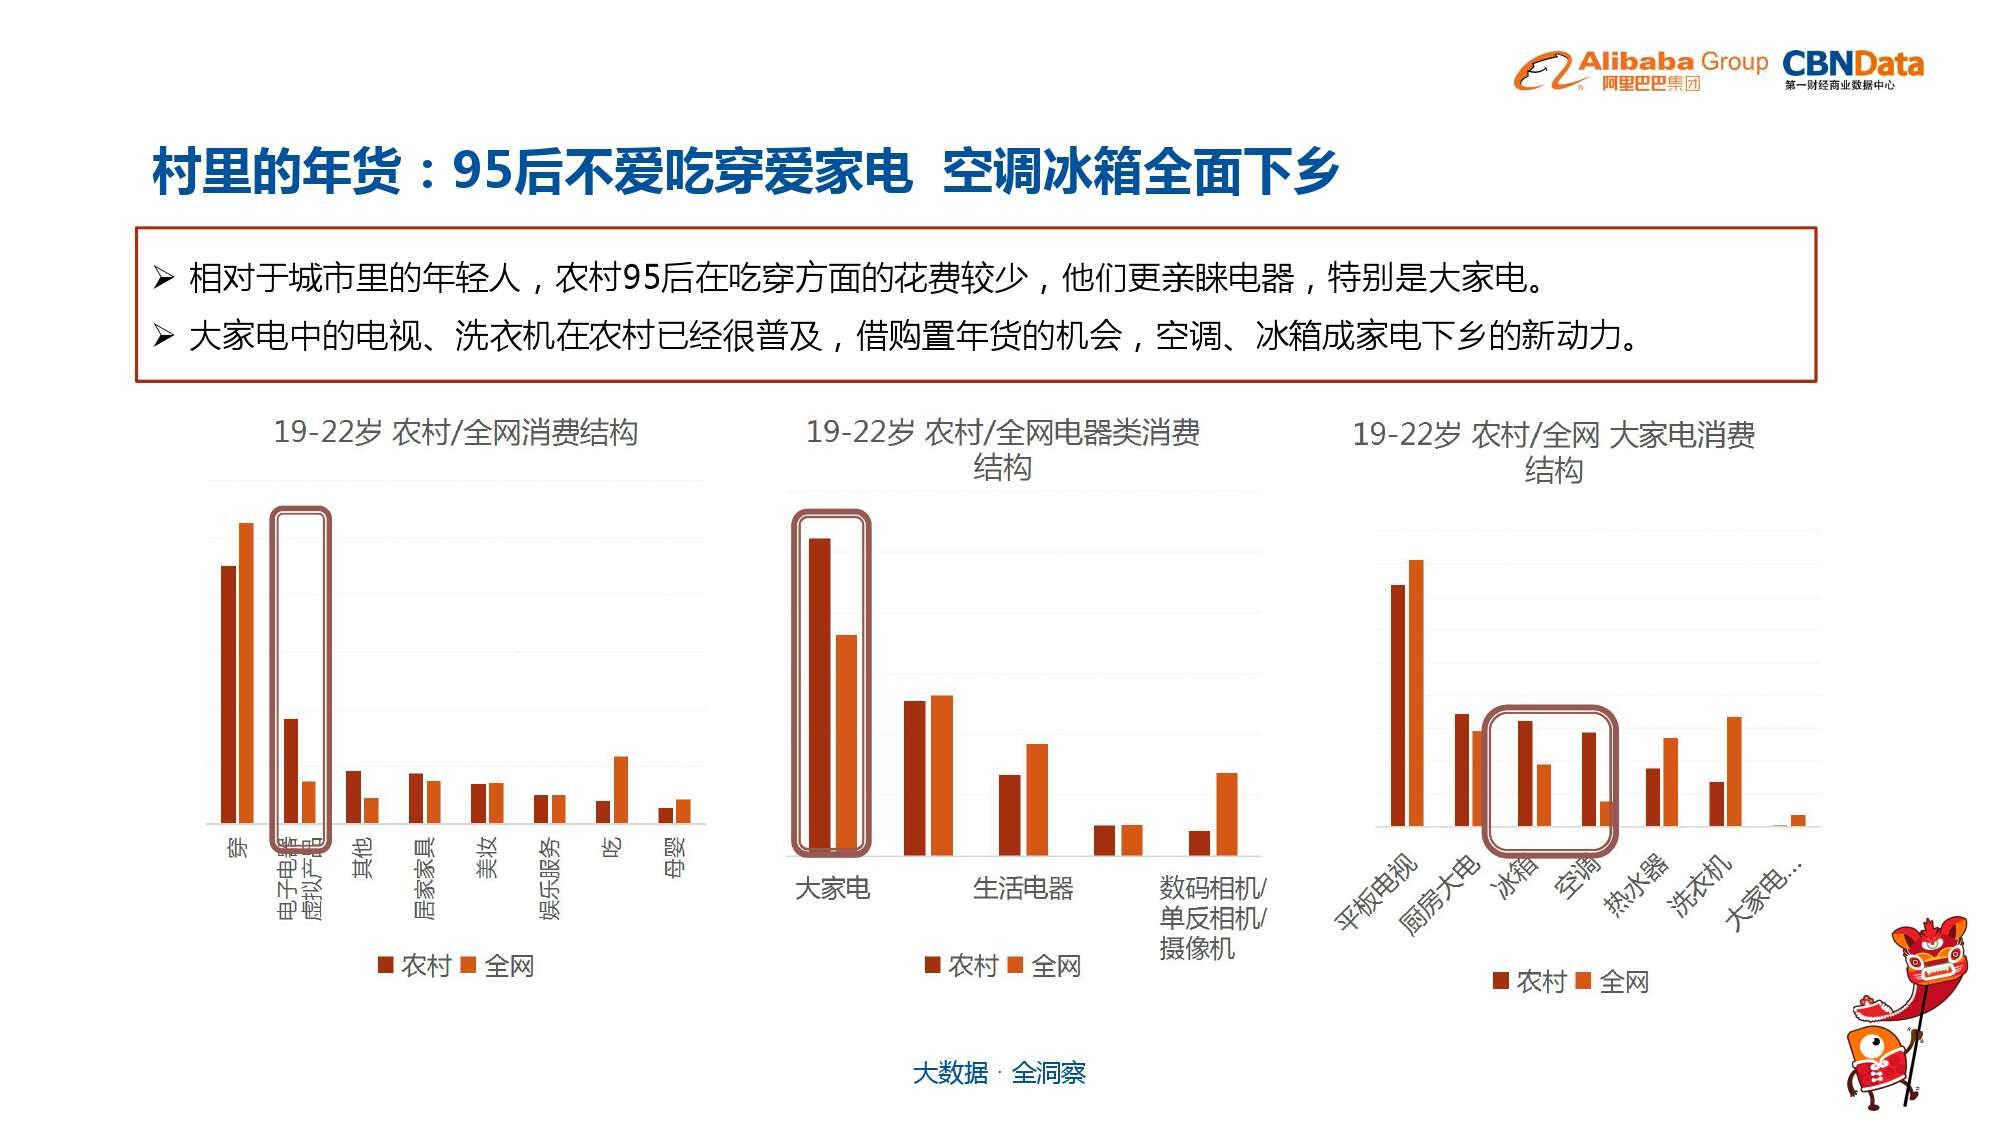 中国年货大数据报告_000019